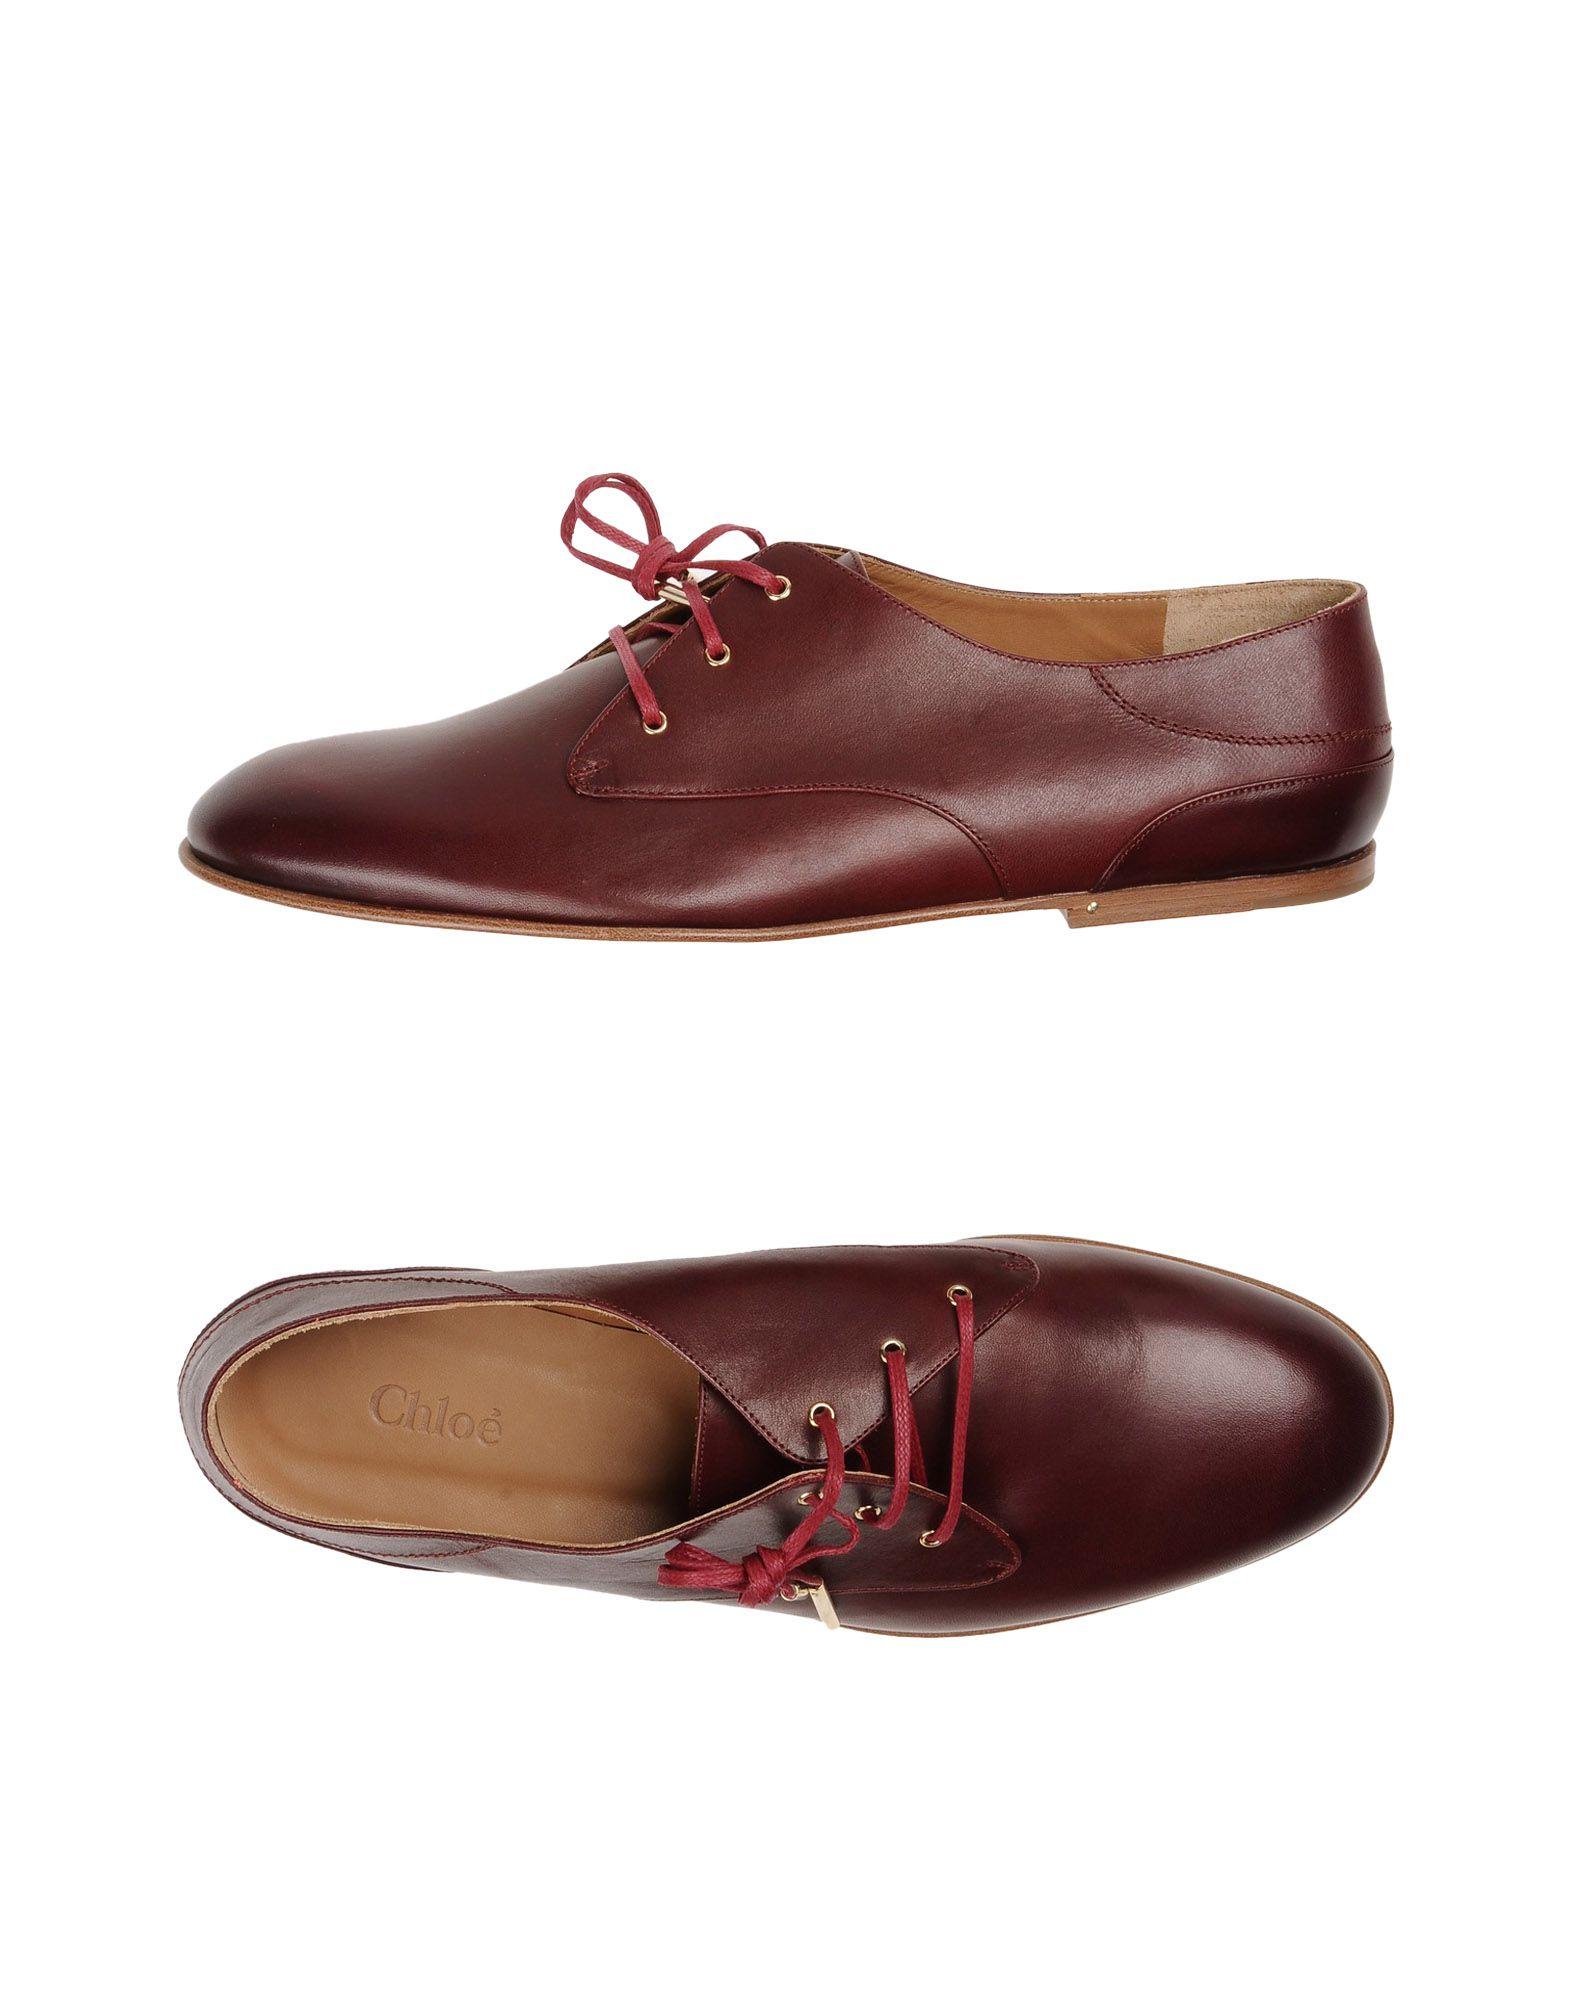 chloe female chloe laceup shoes